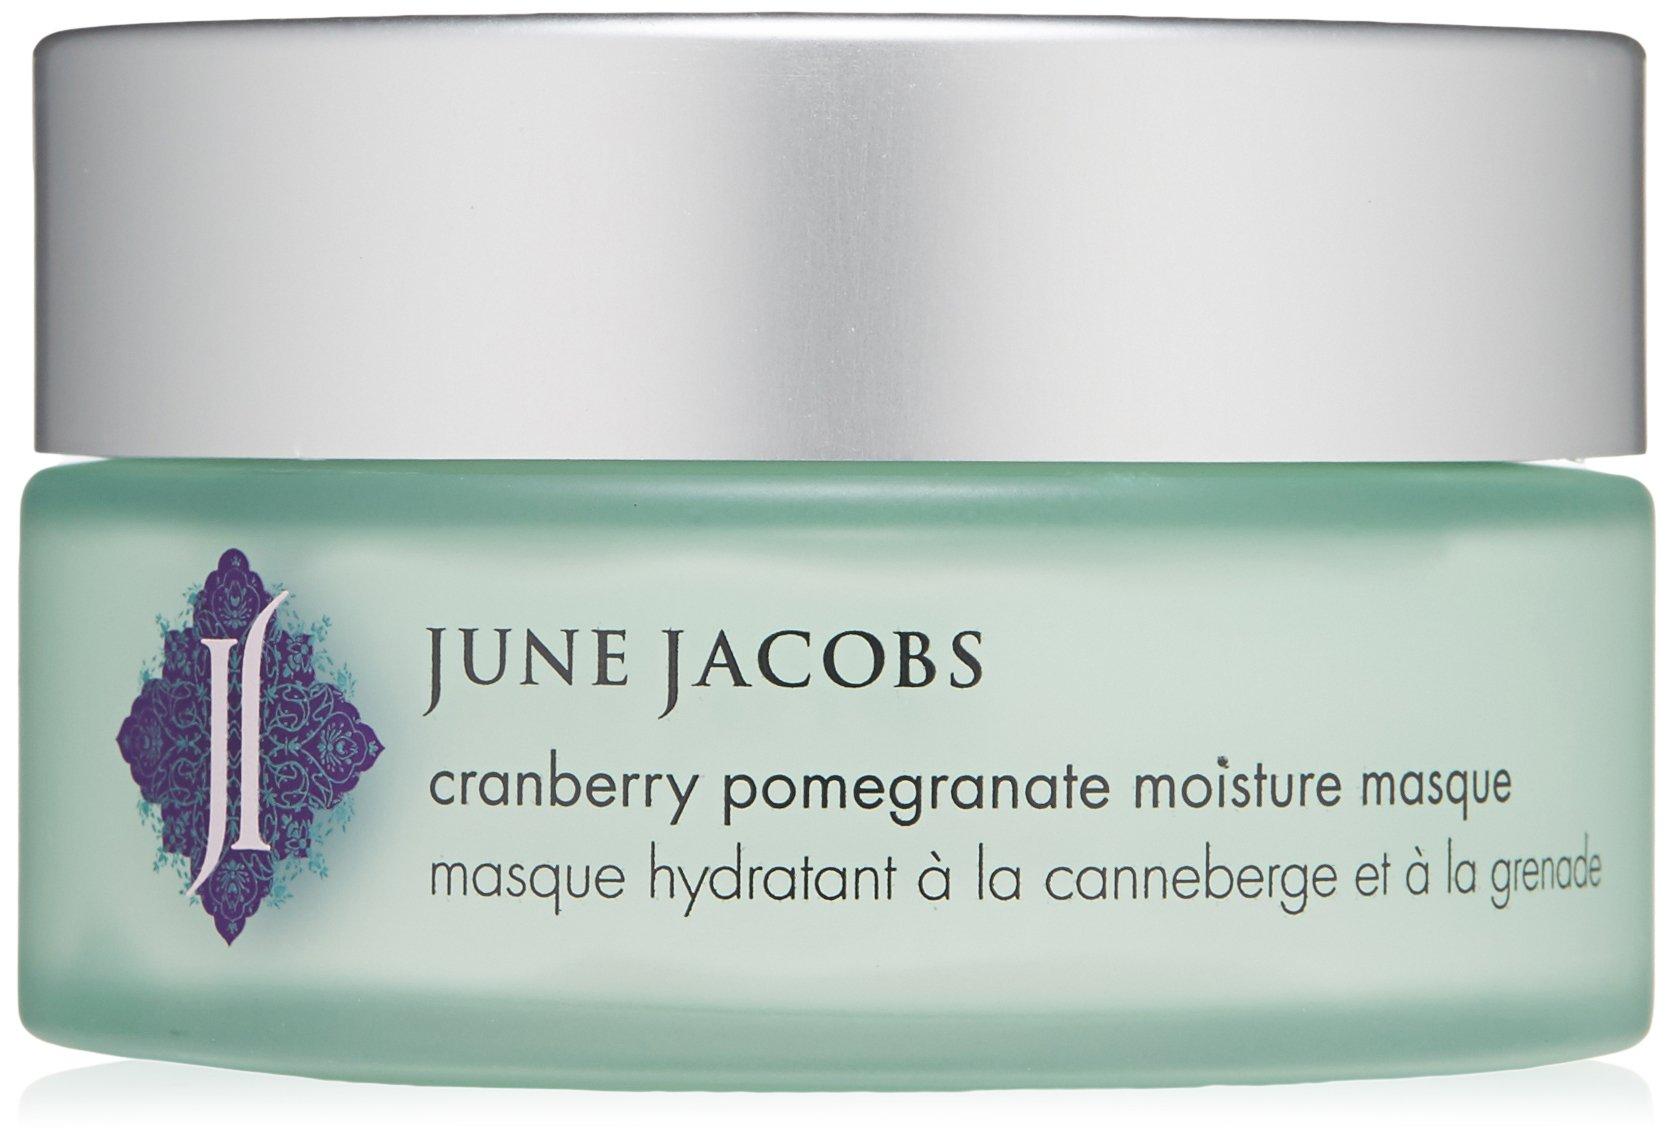 June Jacobs Cranberry Pomegranate Moisture Masque, 4 Fl Oz